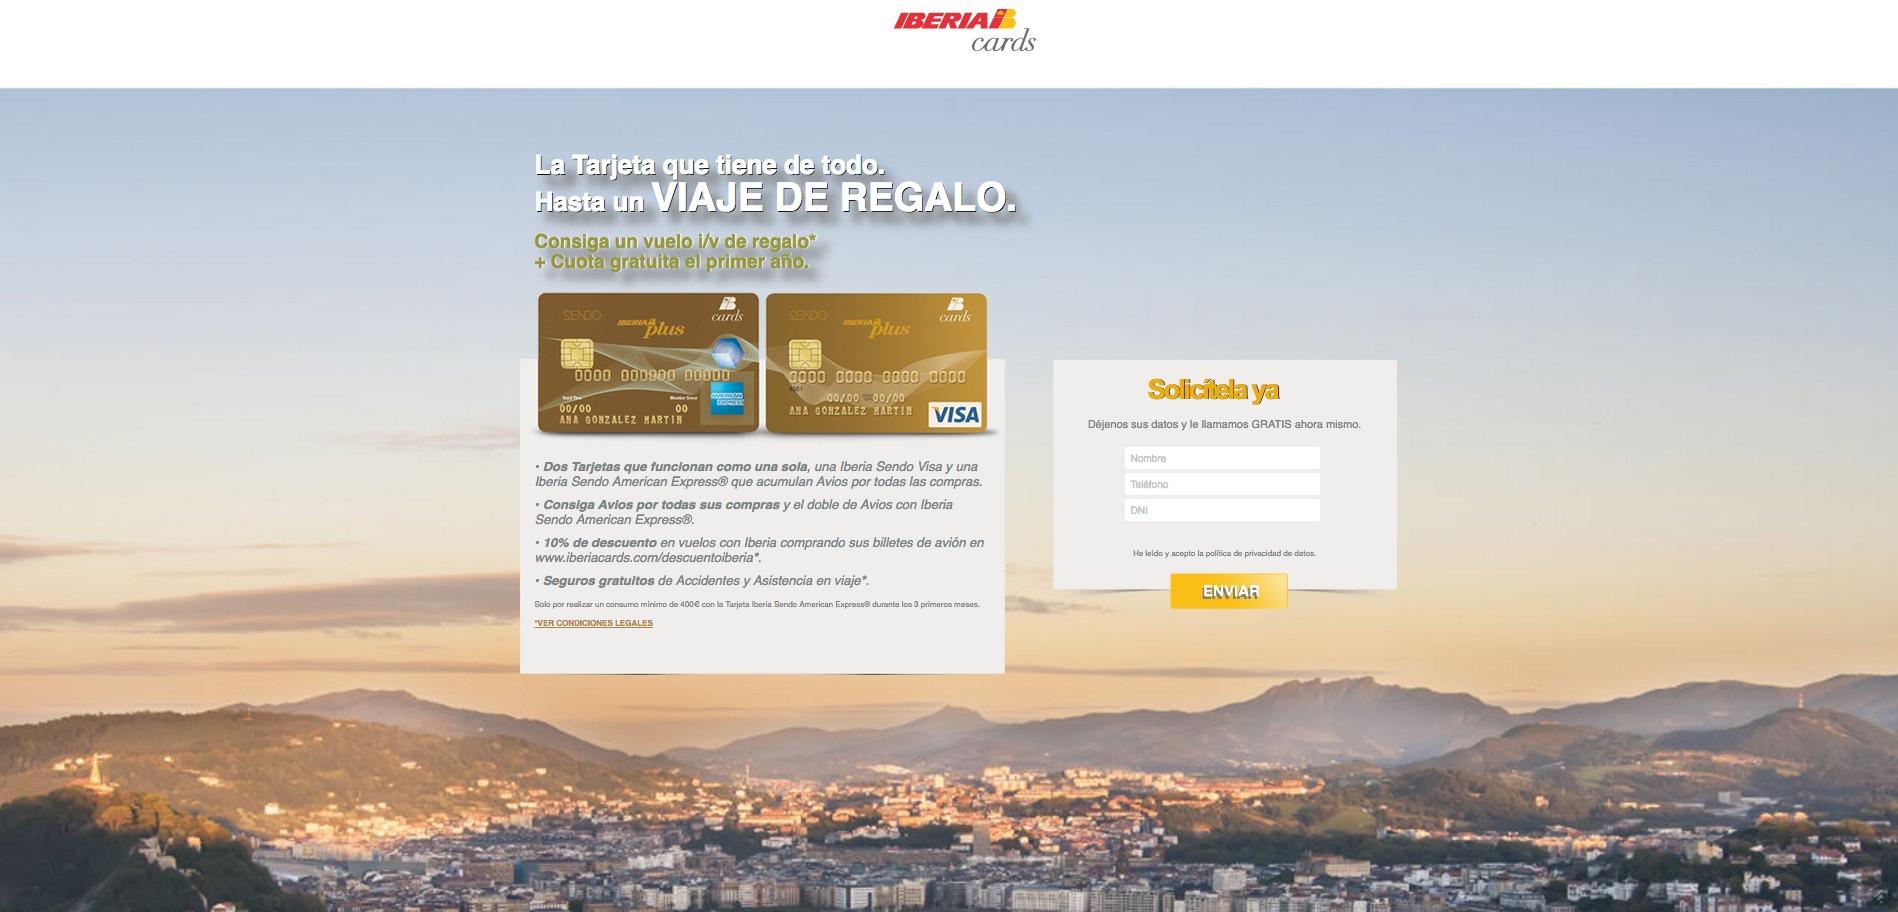 Viaje de regalo con Iberia Cards